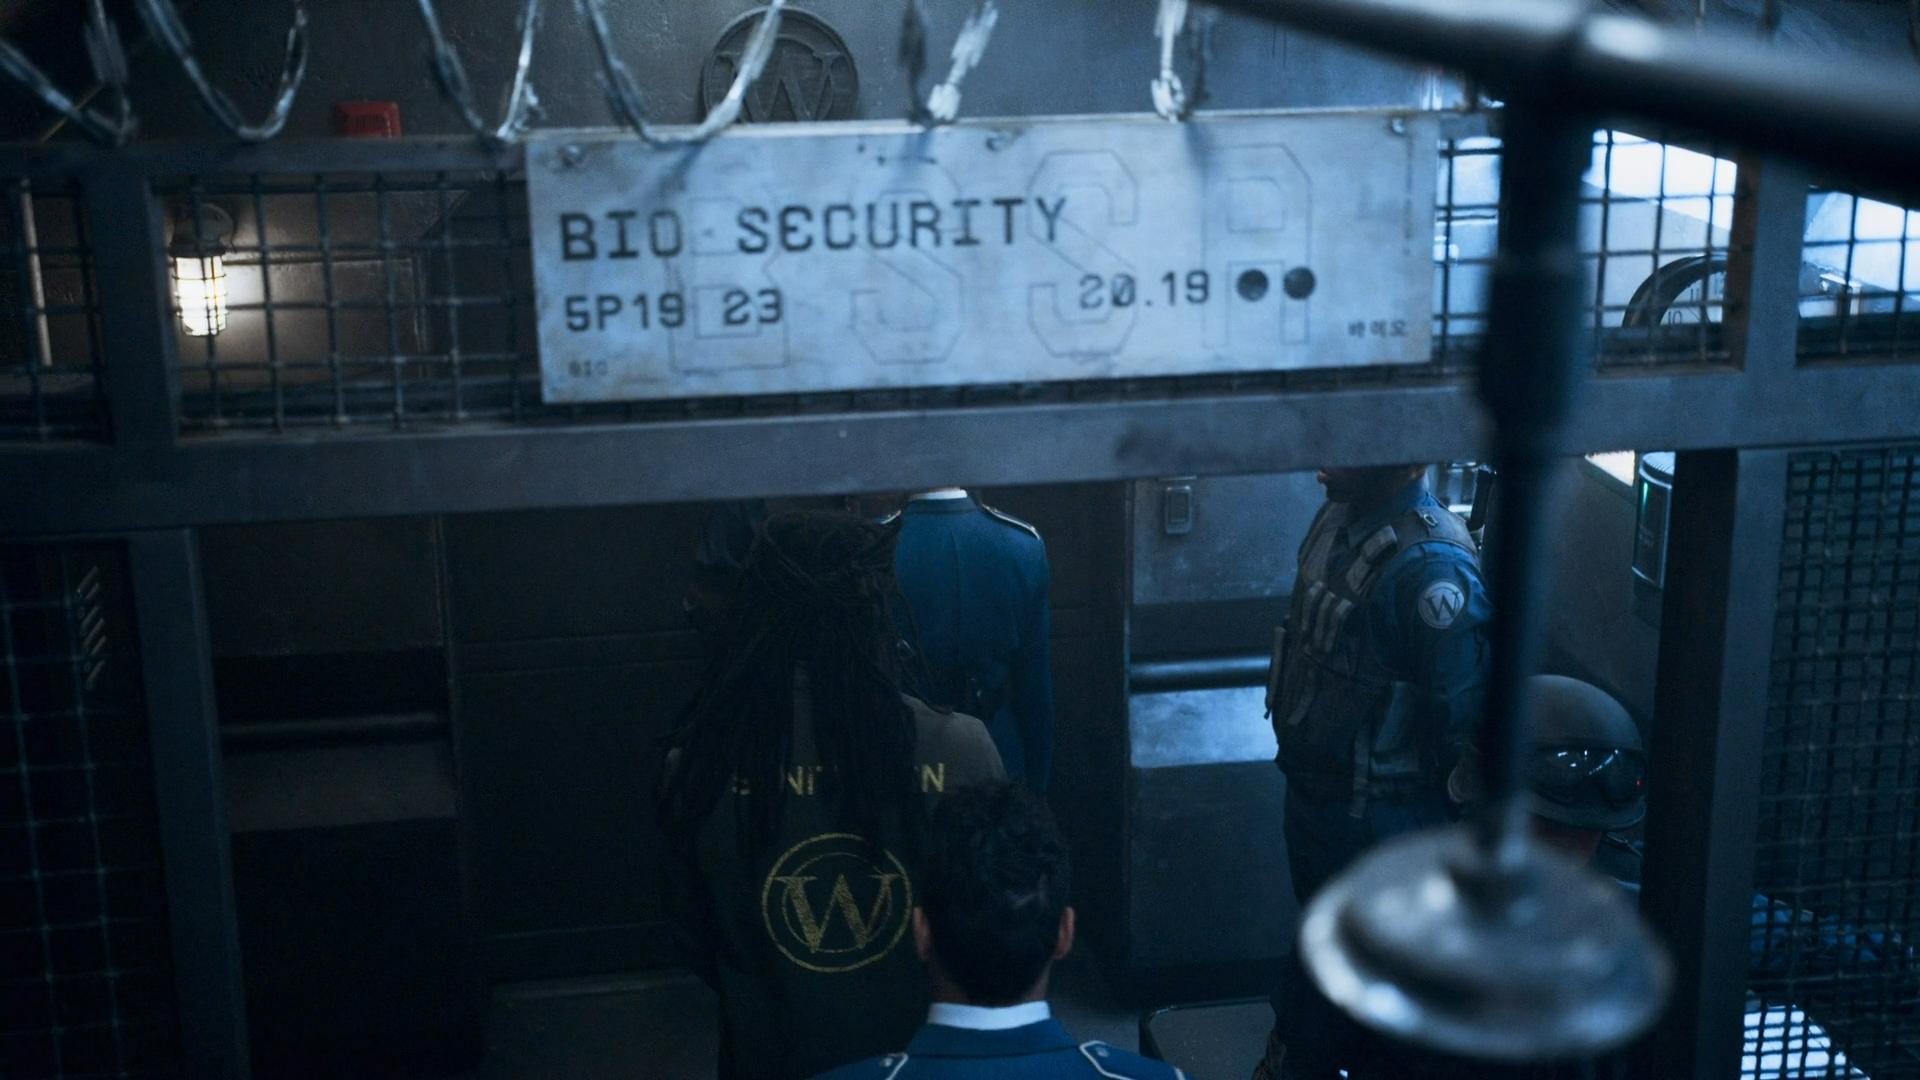 Bio-Security Car